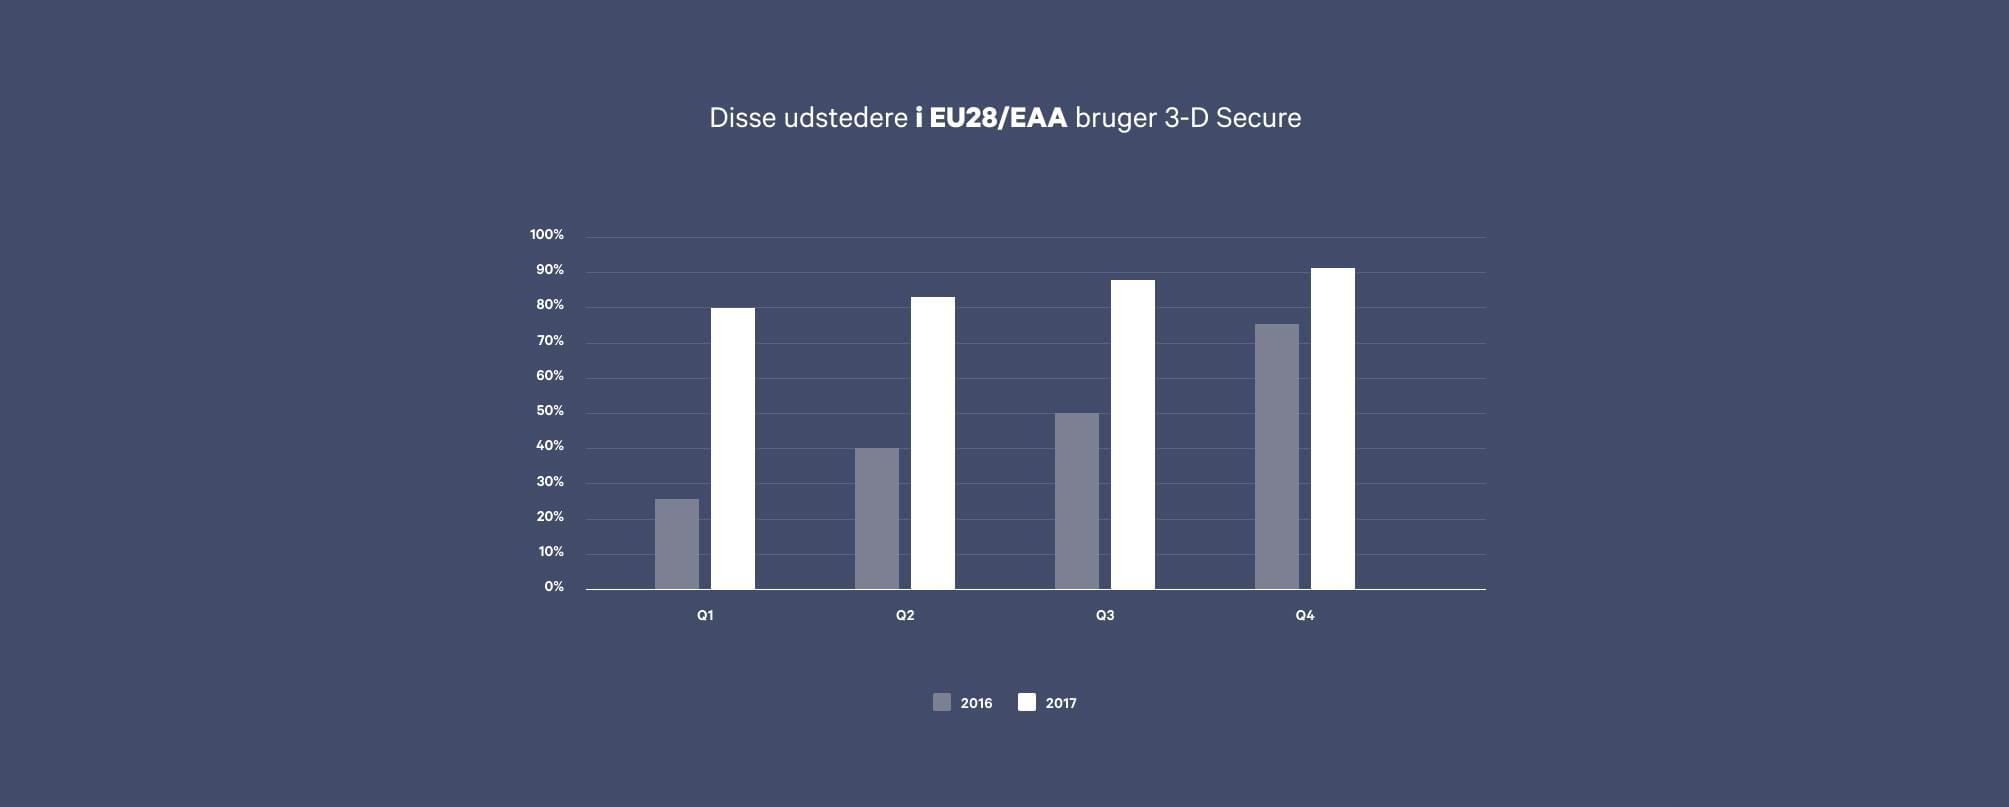 Graf over andelen af banker i EU, som understøtter 3-D Secure